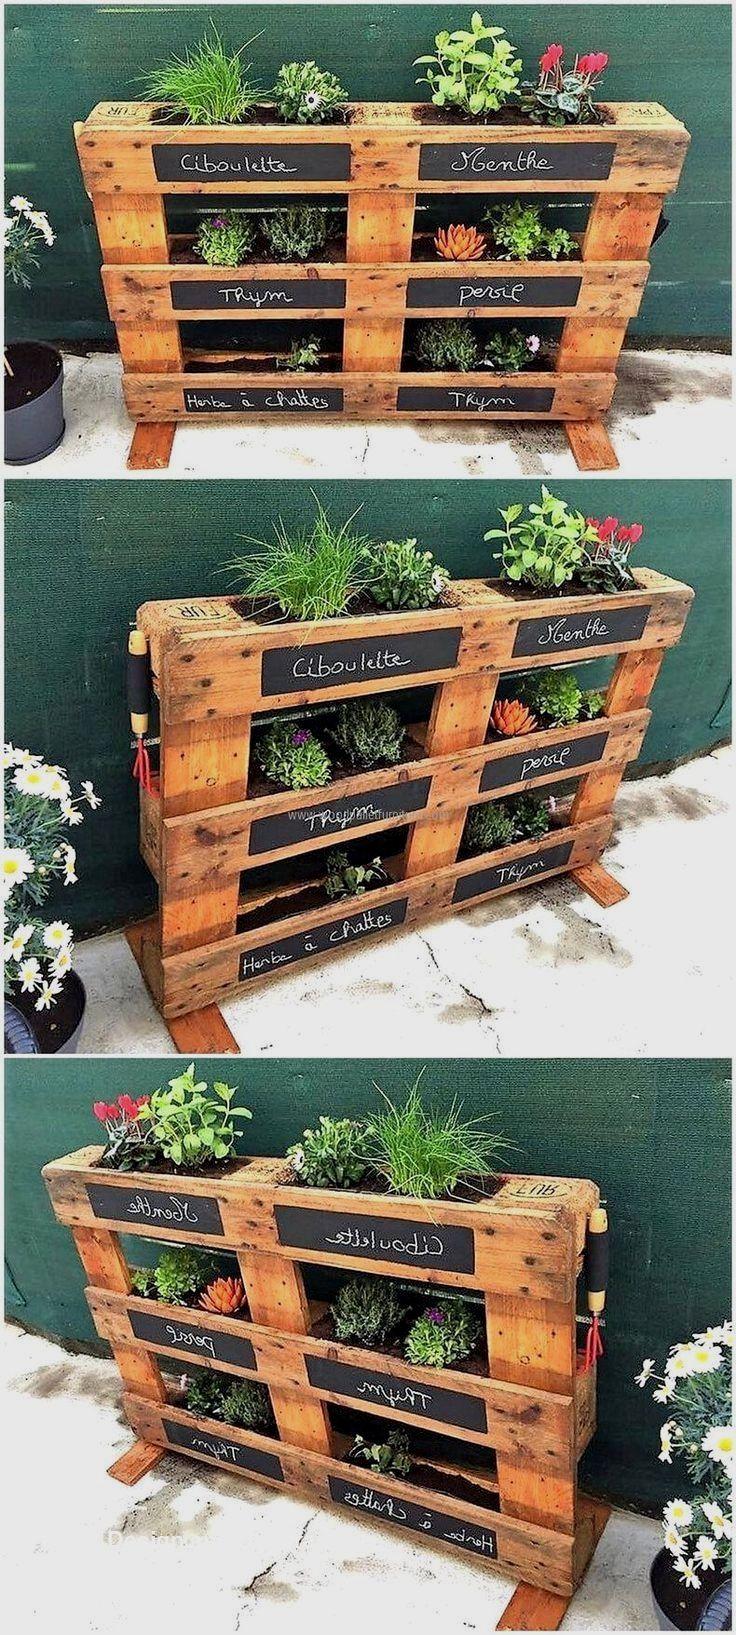 Diy Backyard Pallet Projects In 2020 Pallet Projects Garden Pallet Garden Ideas Diy Pallet Diy